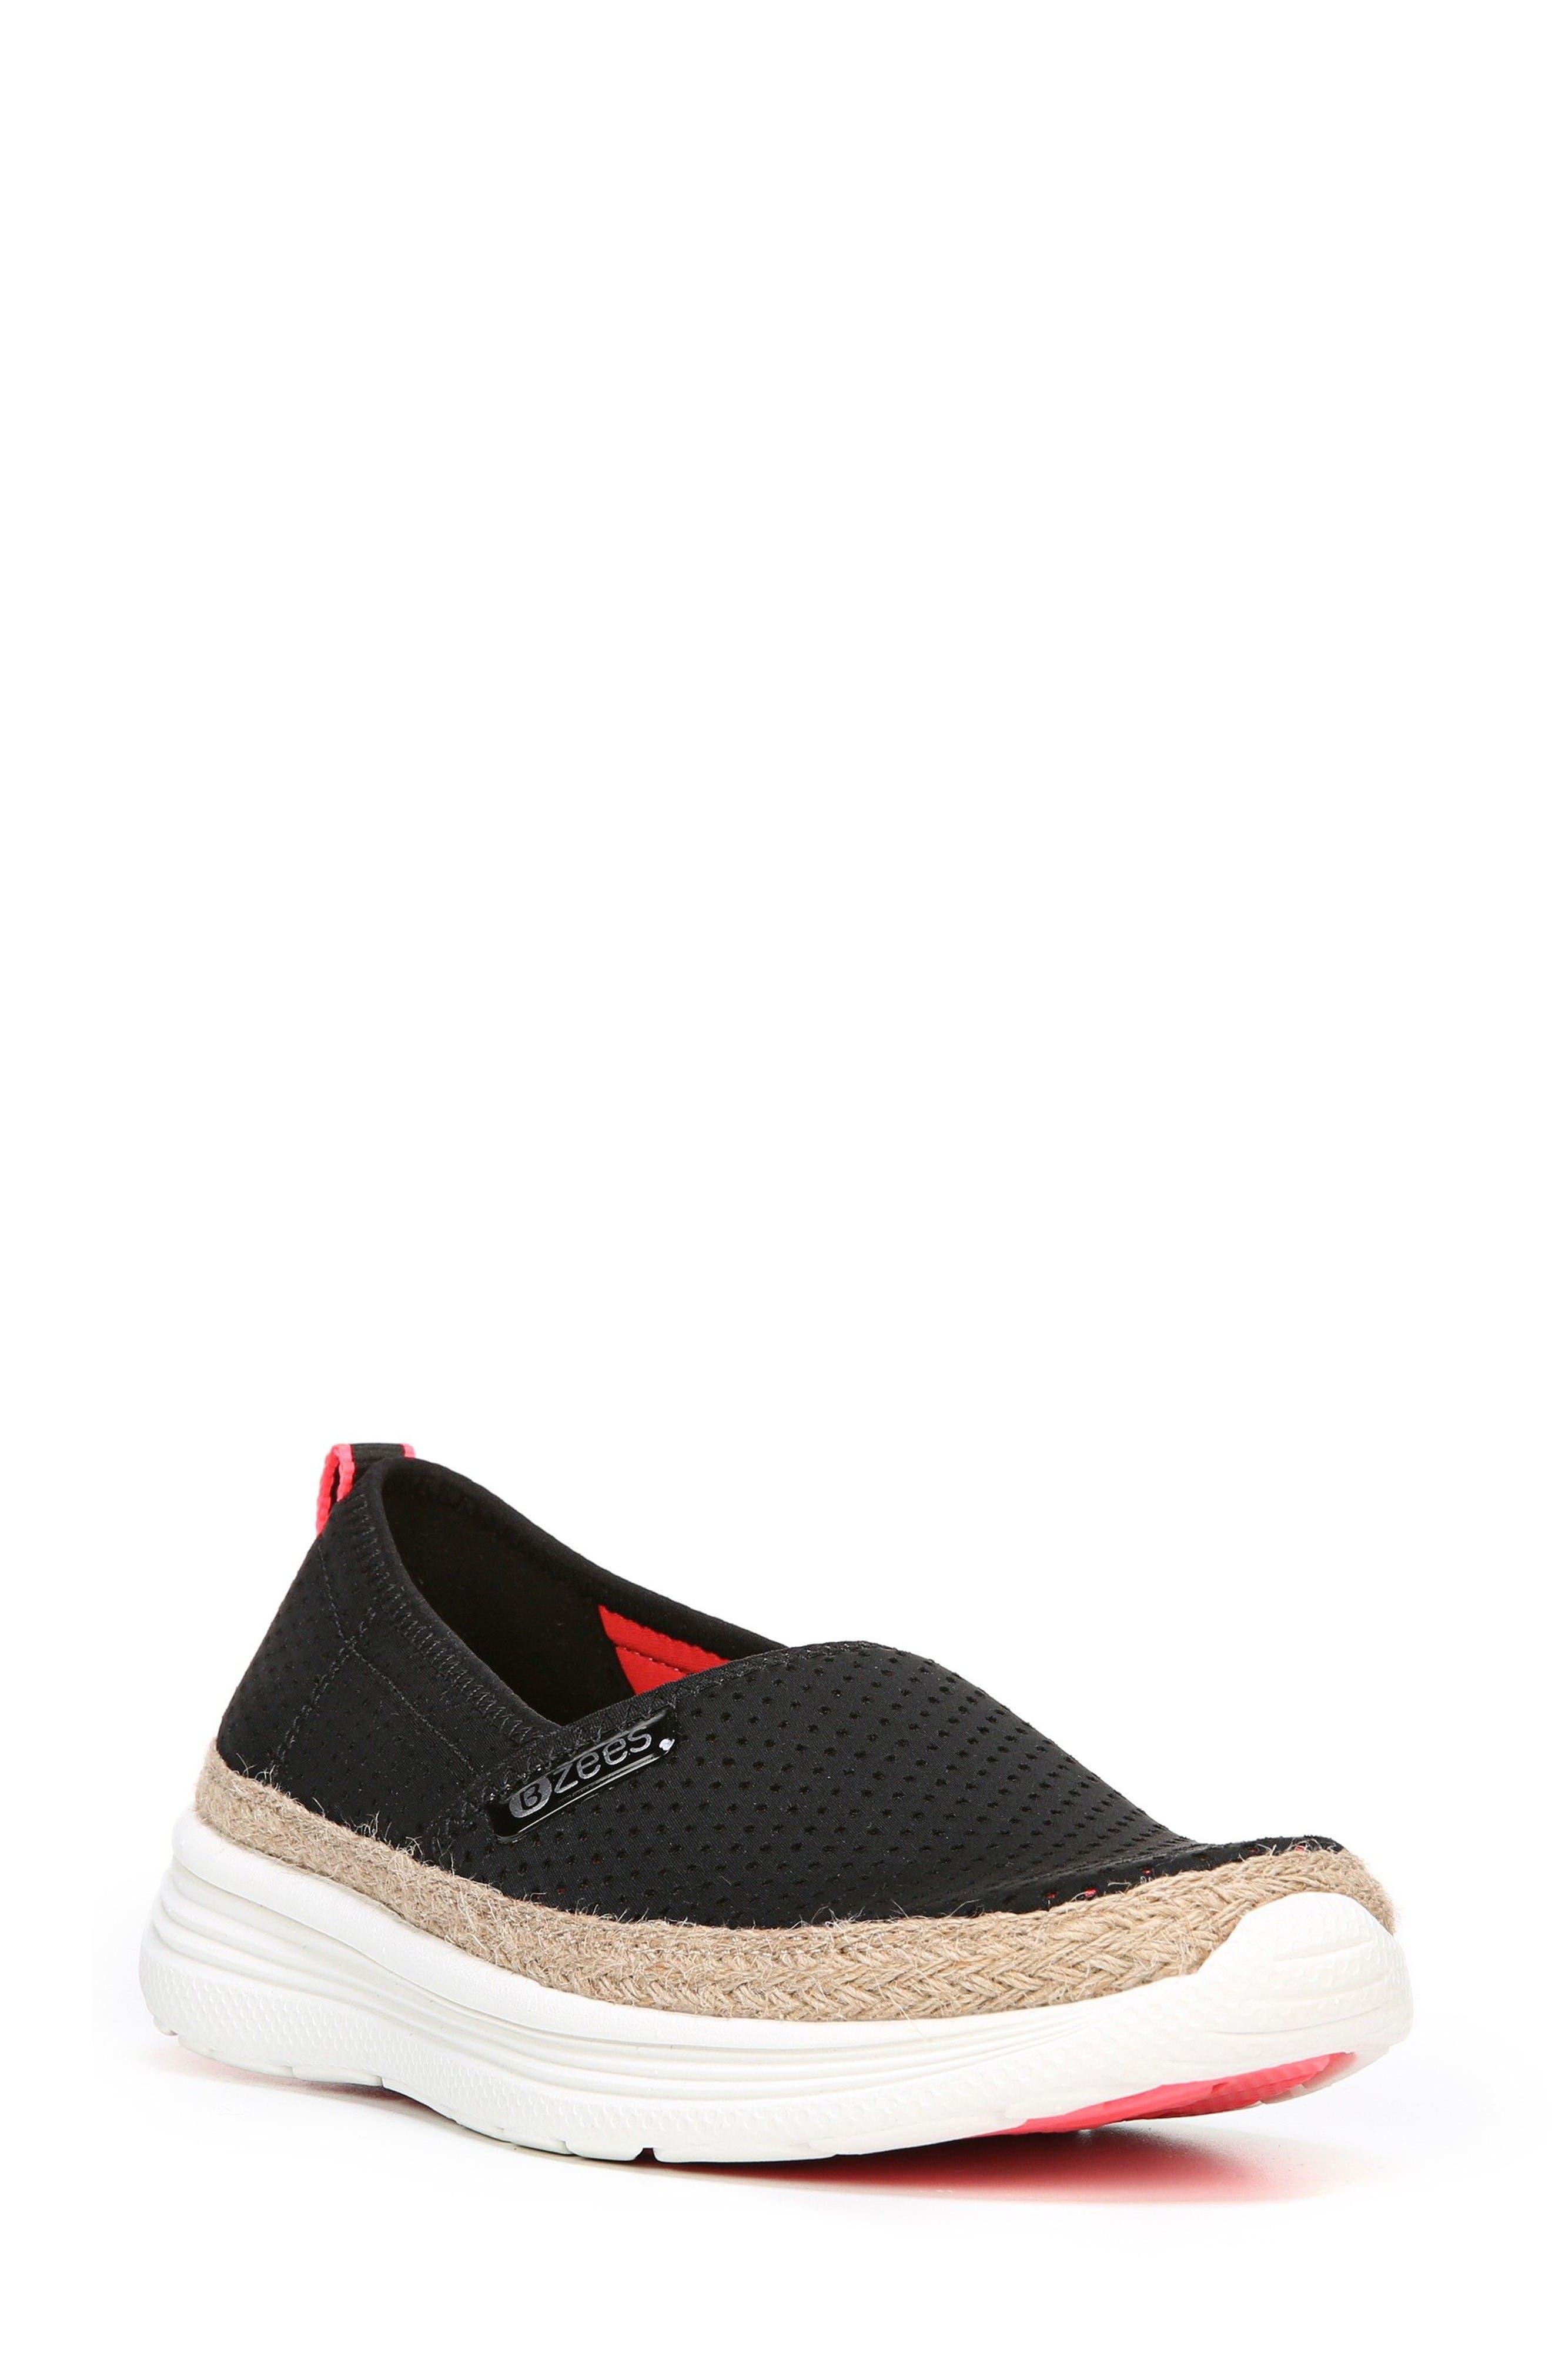 BZees Wander Slip-On Sneaker (Women)